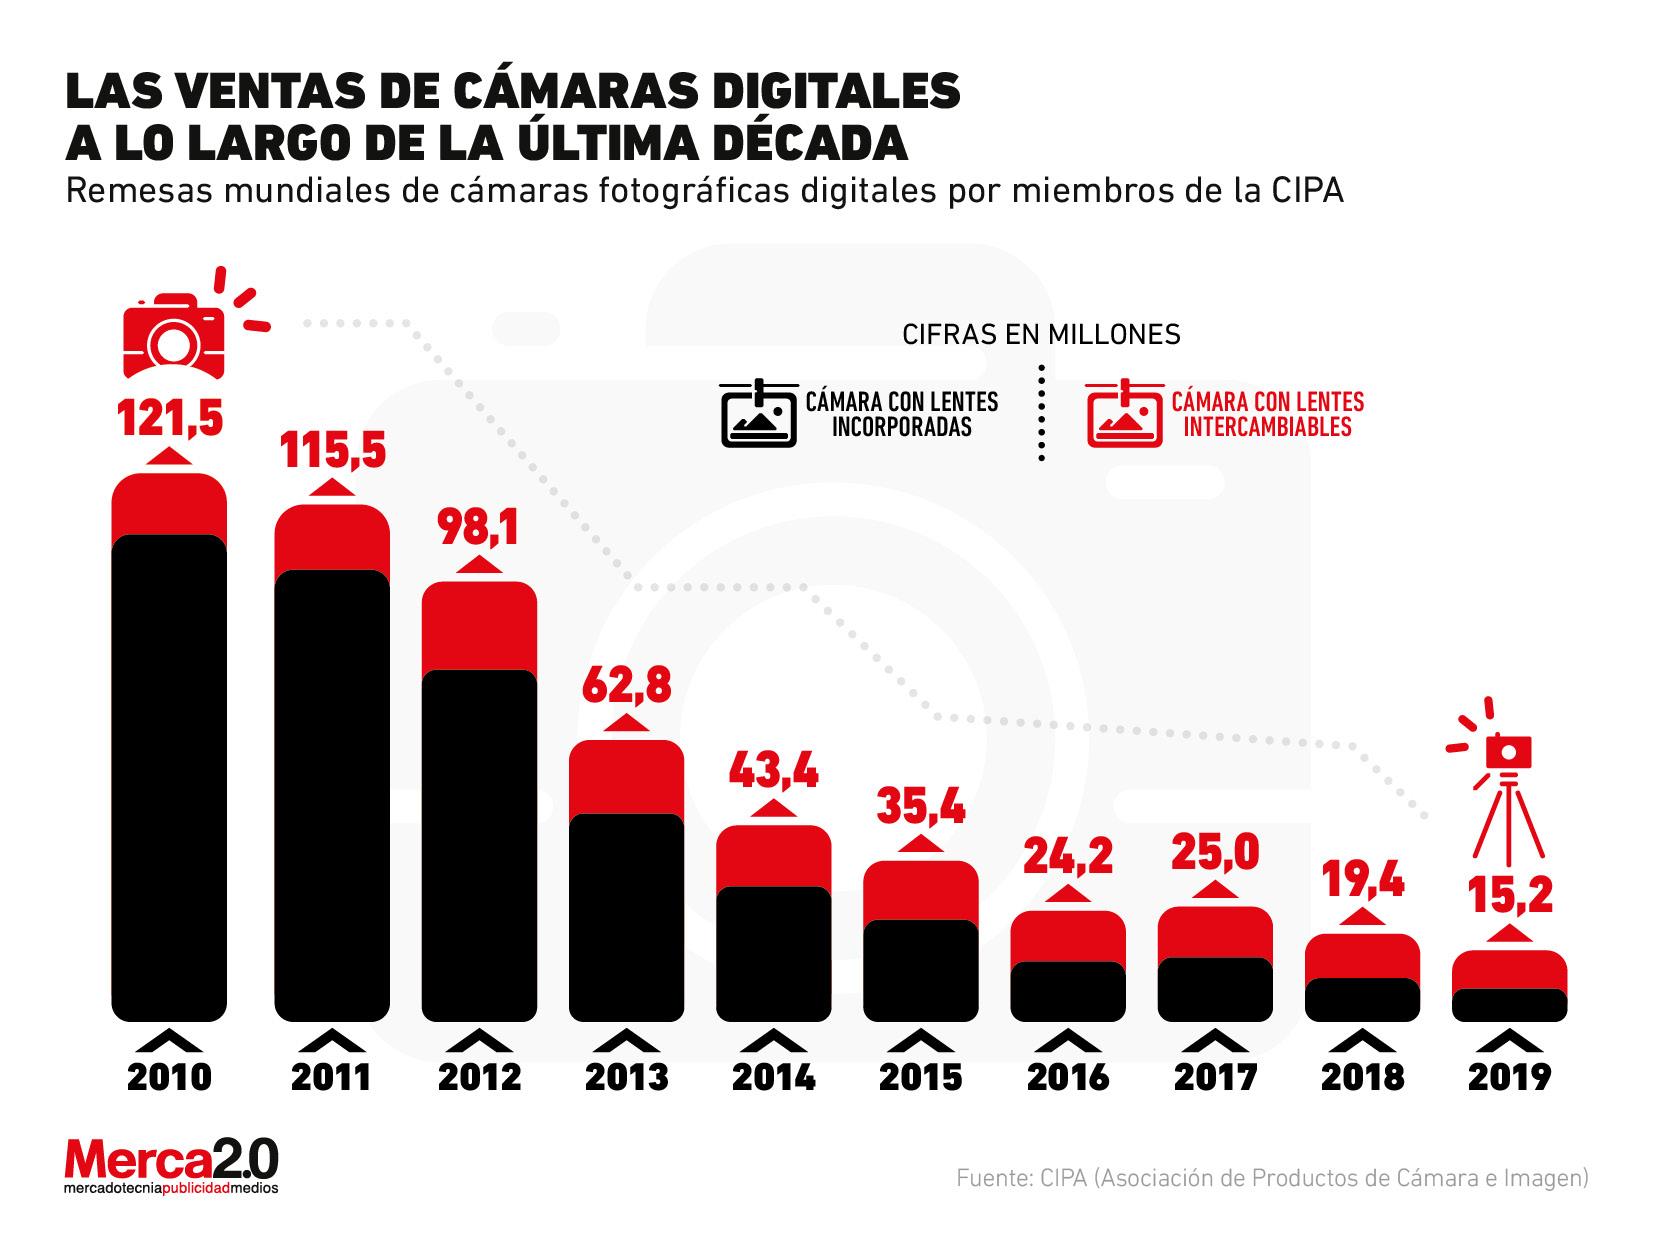 ¿El negocio de las cámaras digitales está por desaparecer?